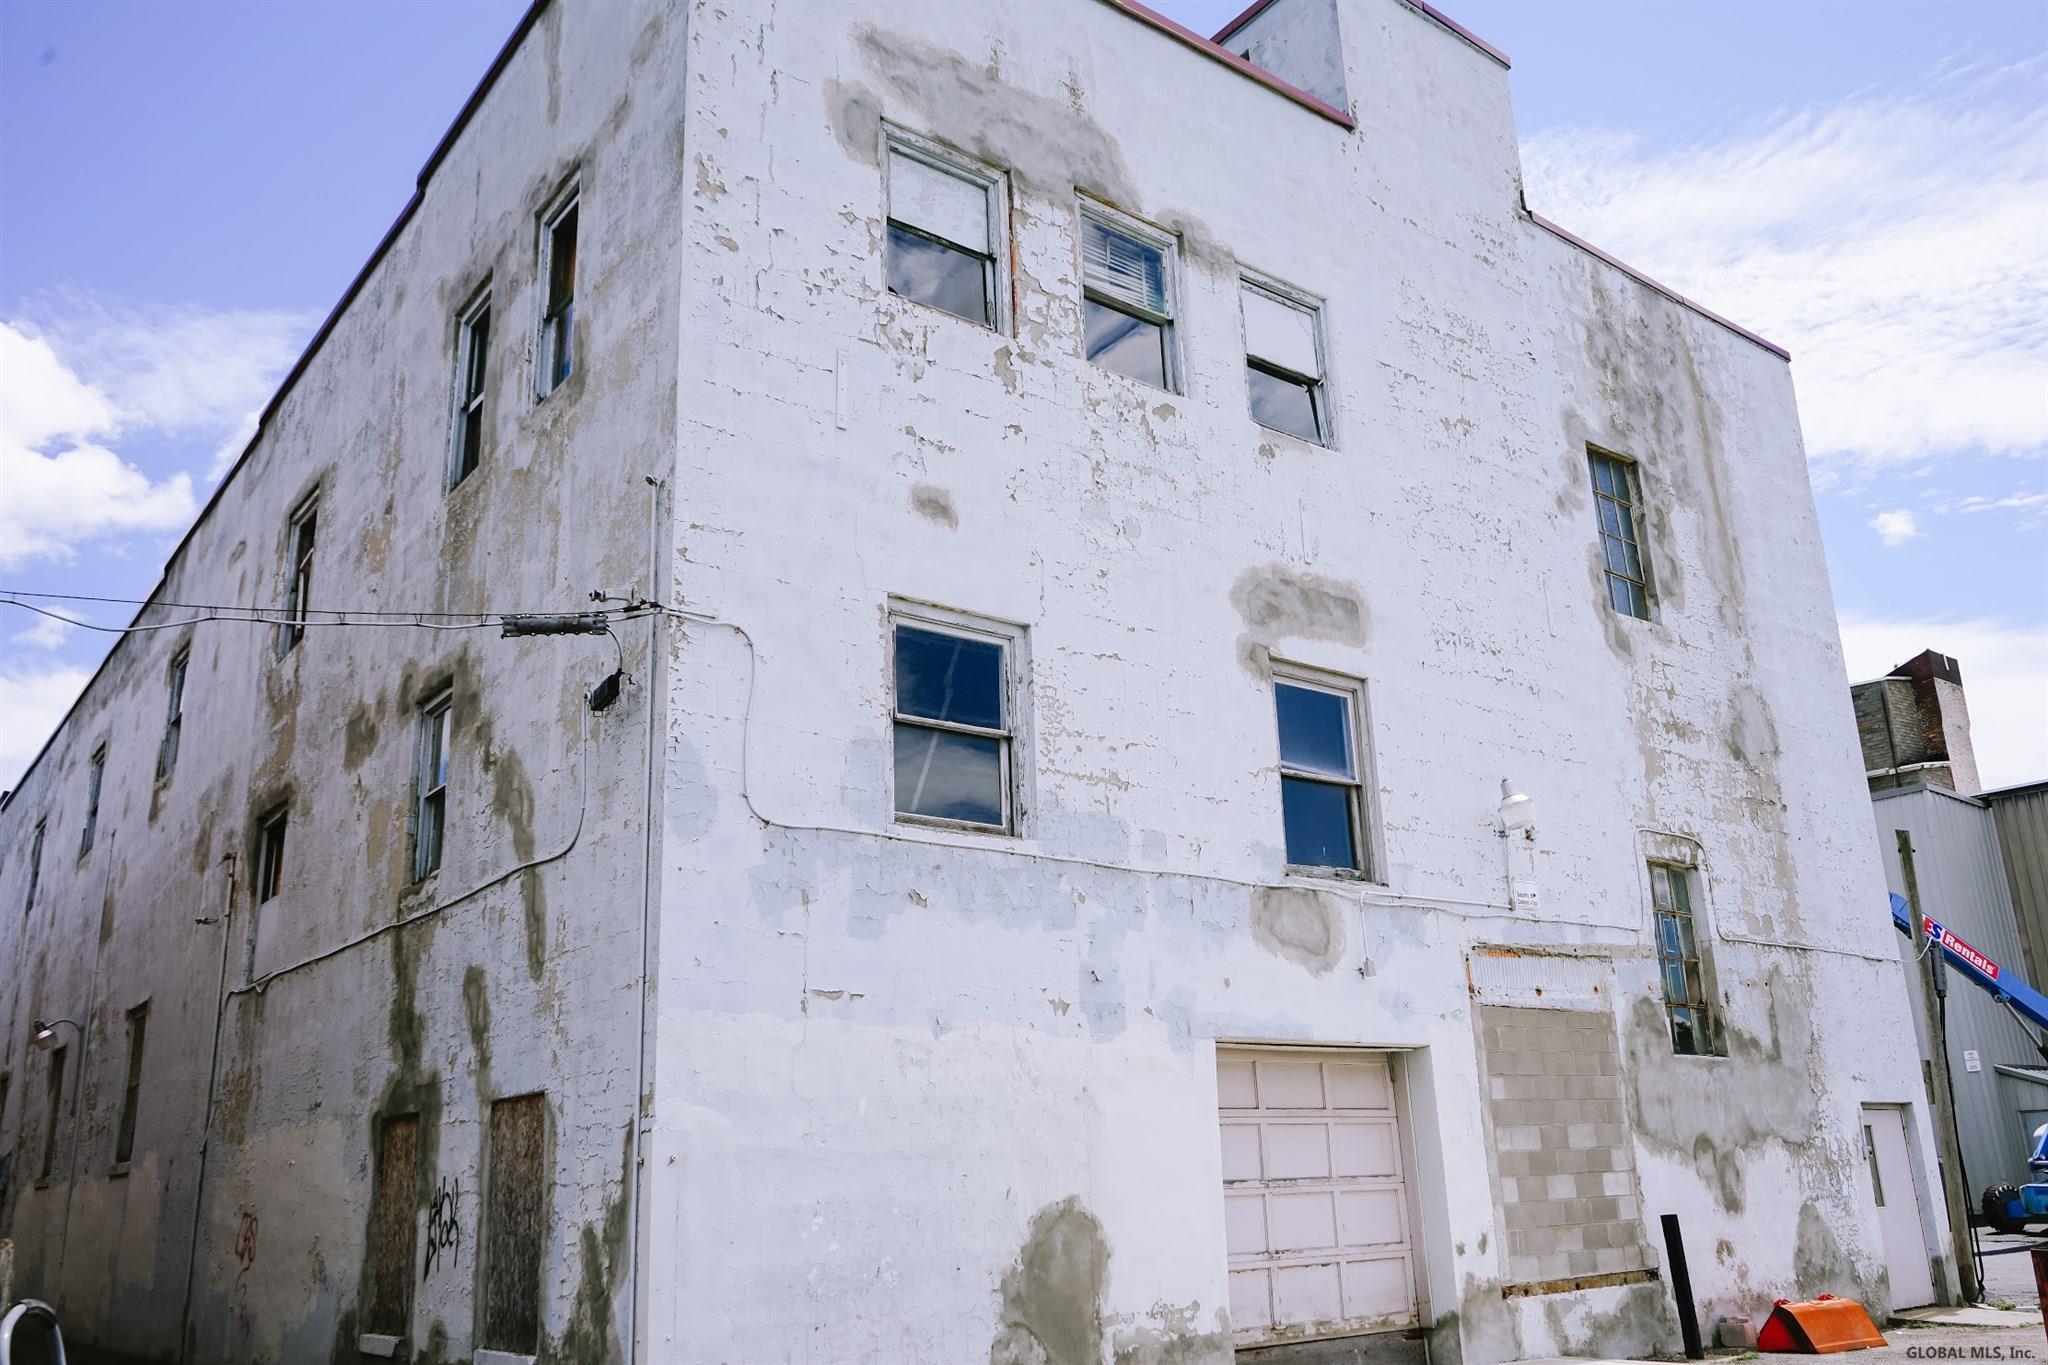 Gloversville image 25